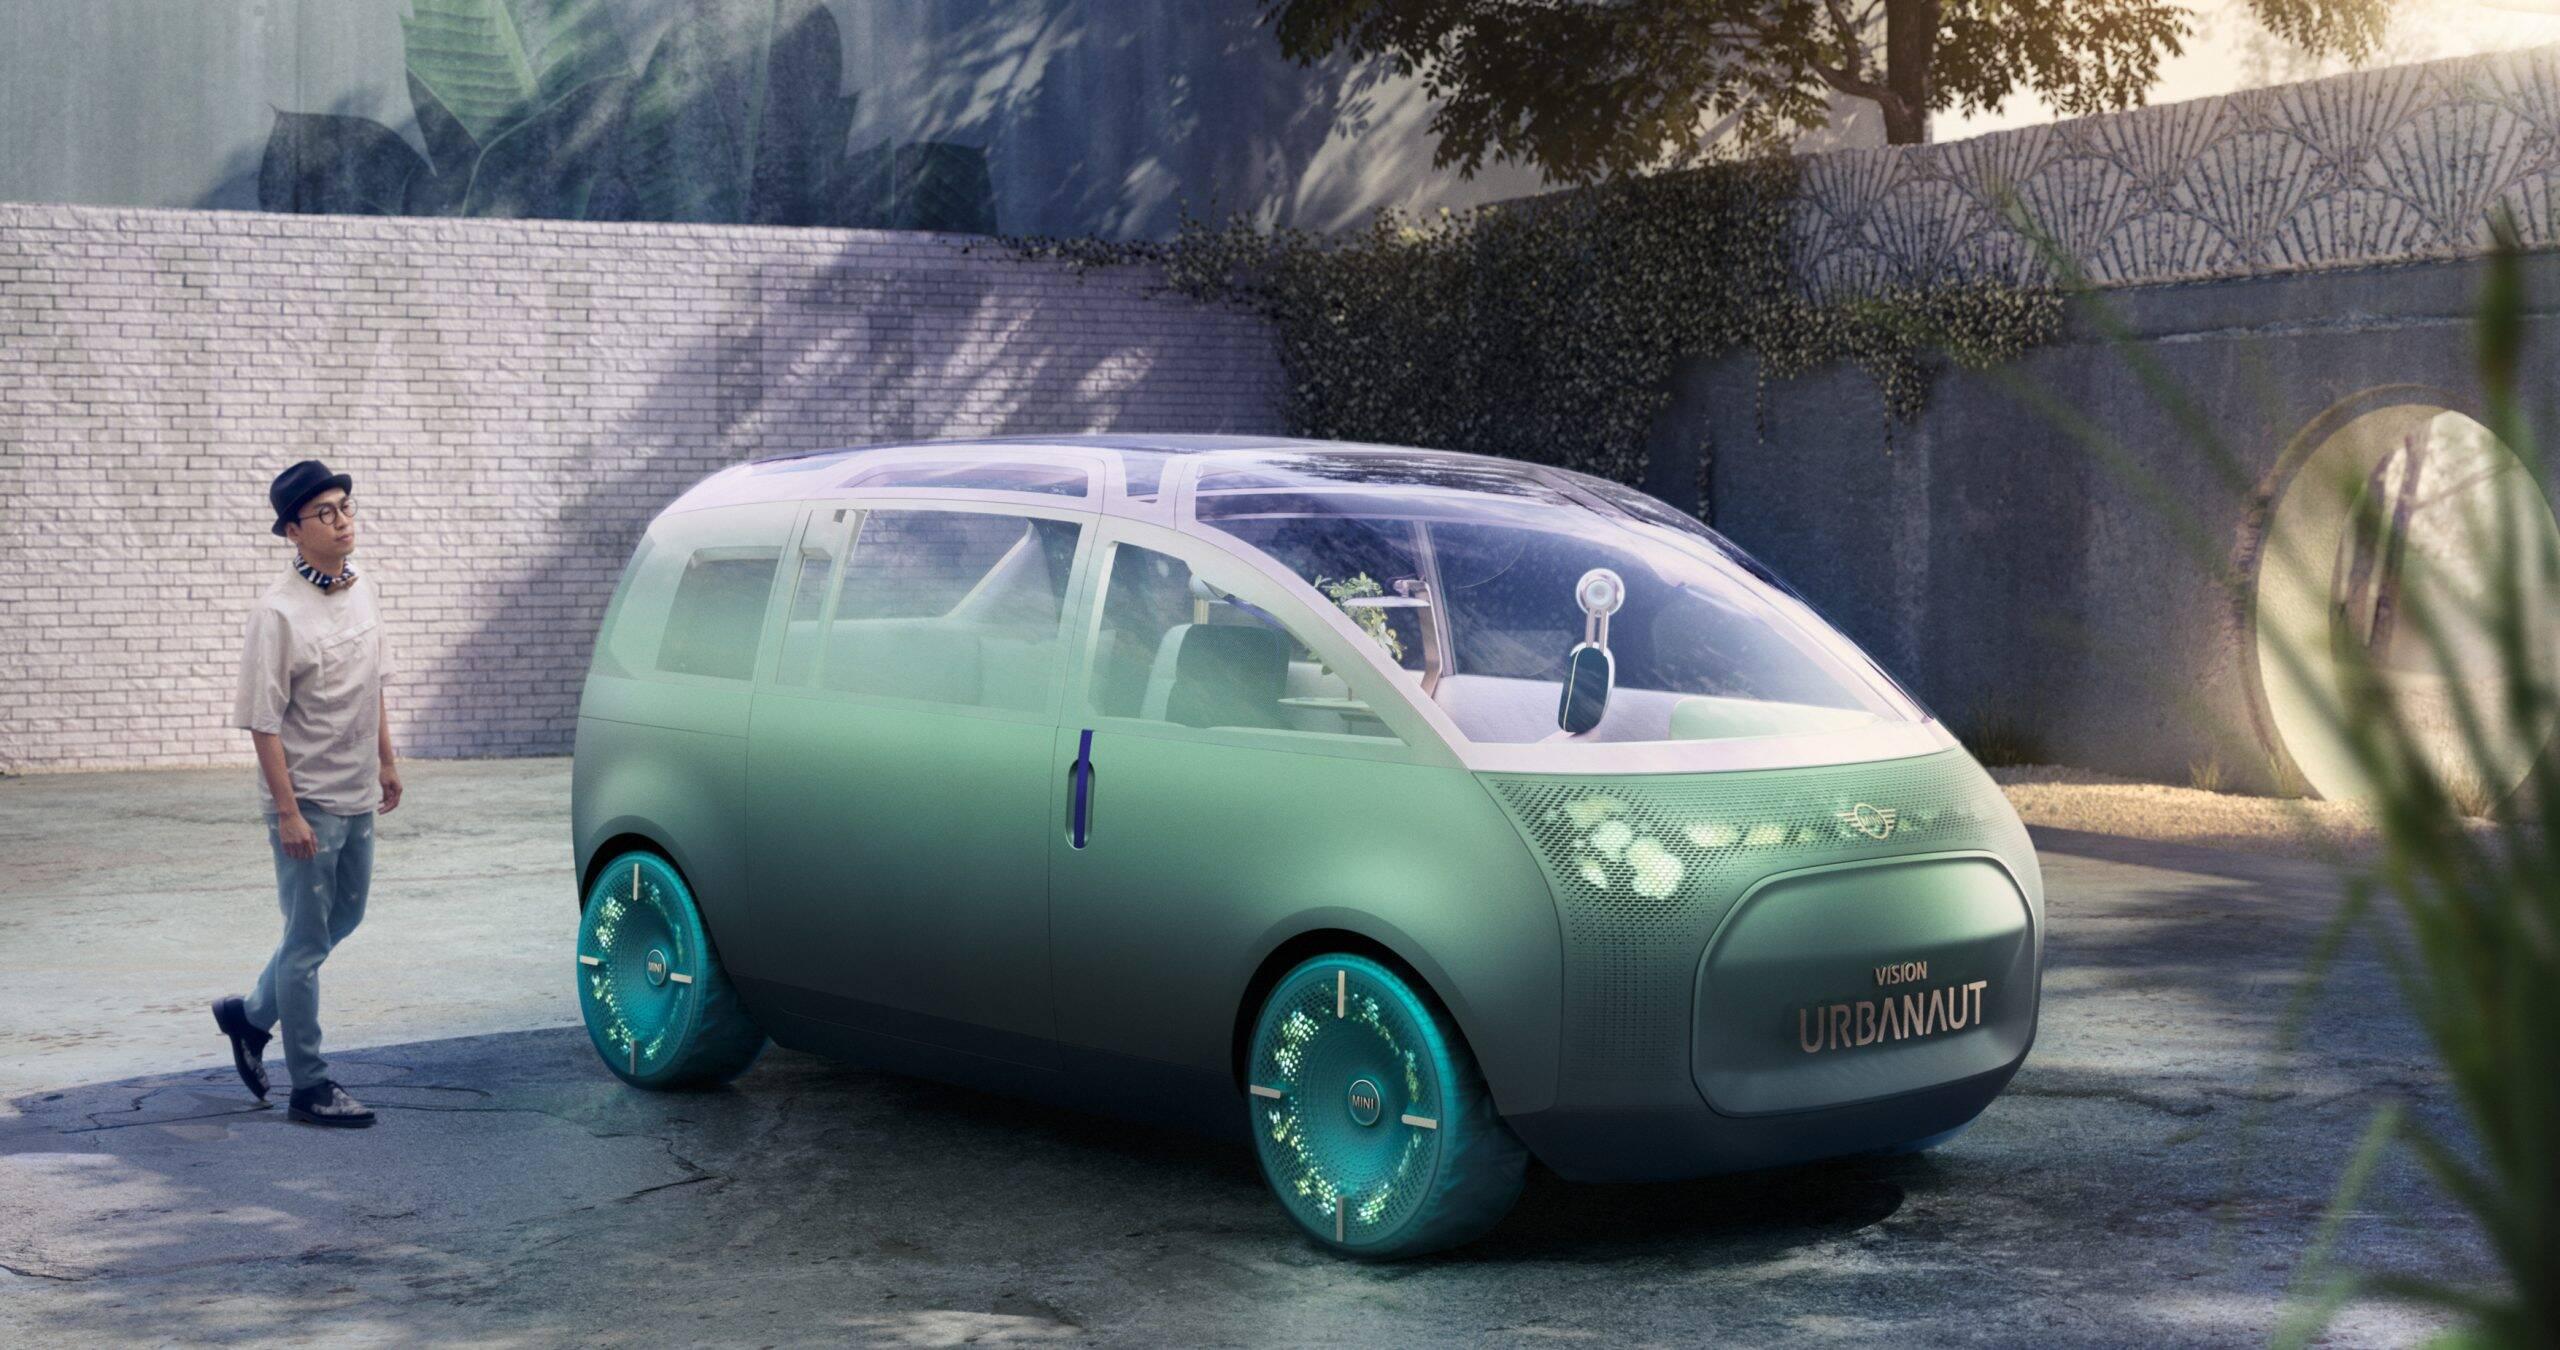 Mini Vision Urbanaut mostra como serão as minivans do futuro